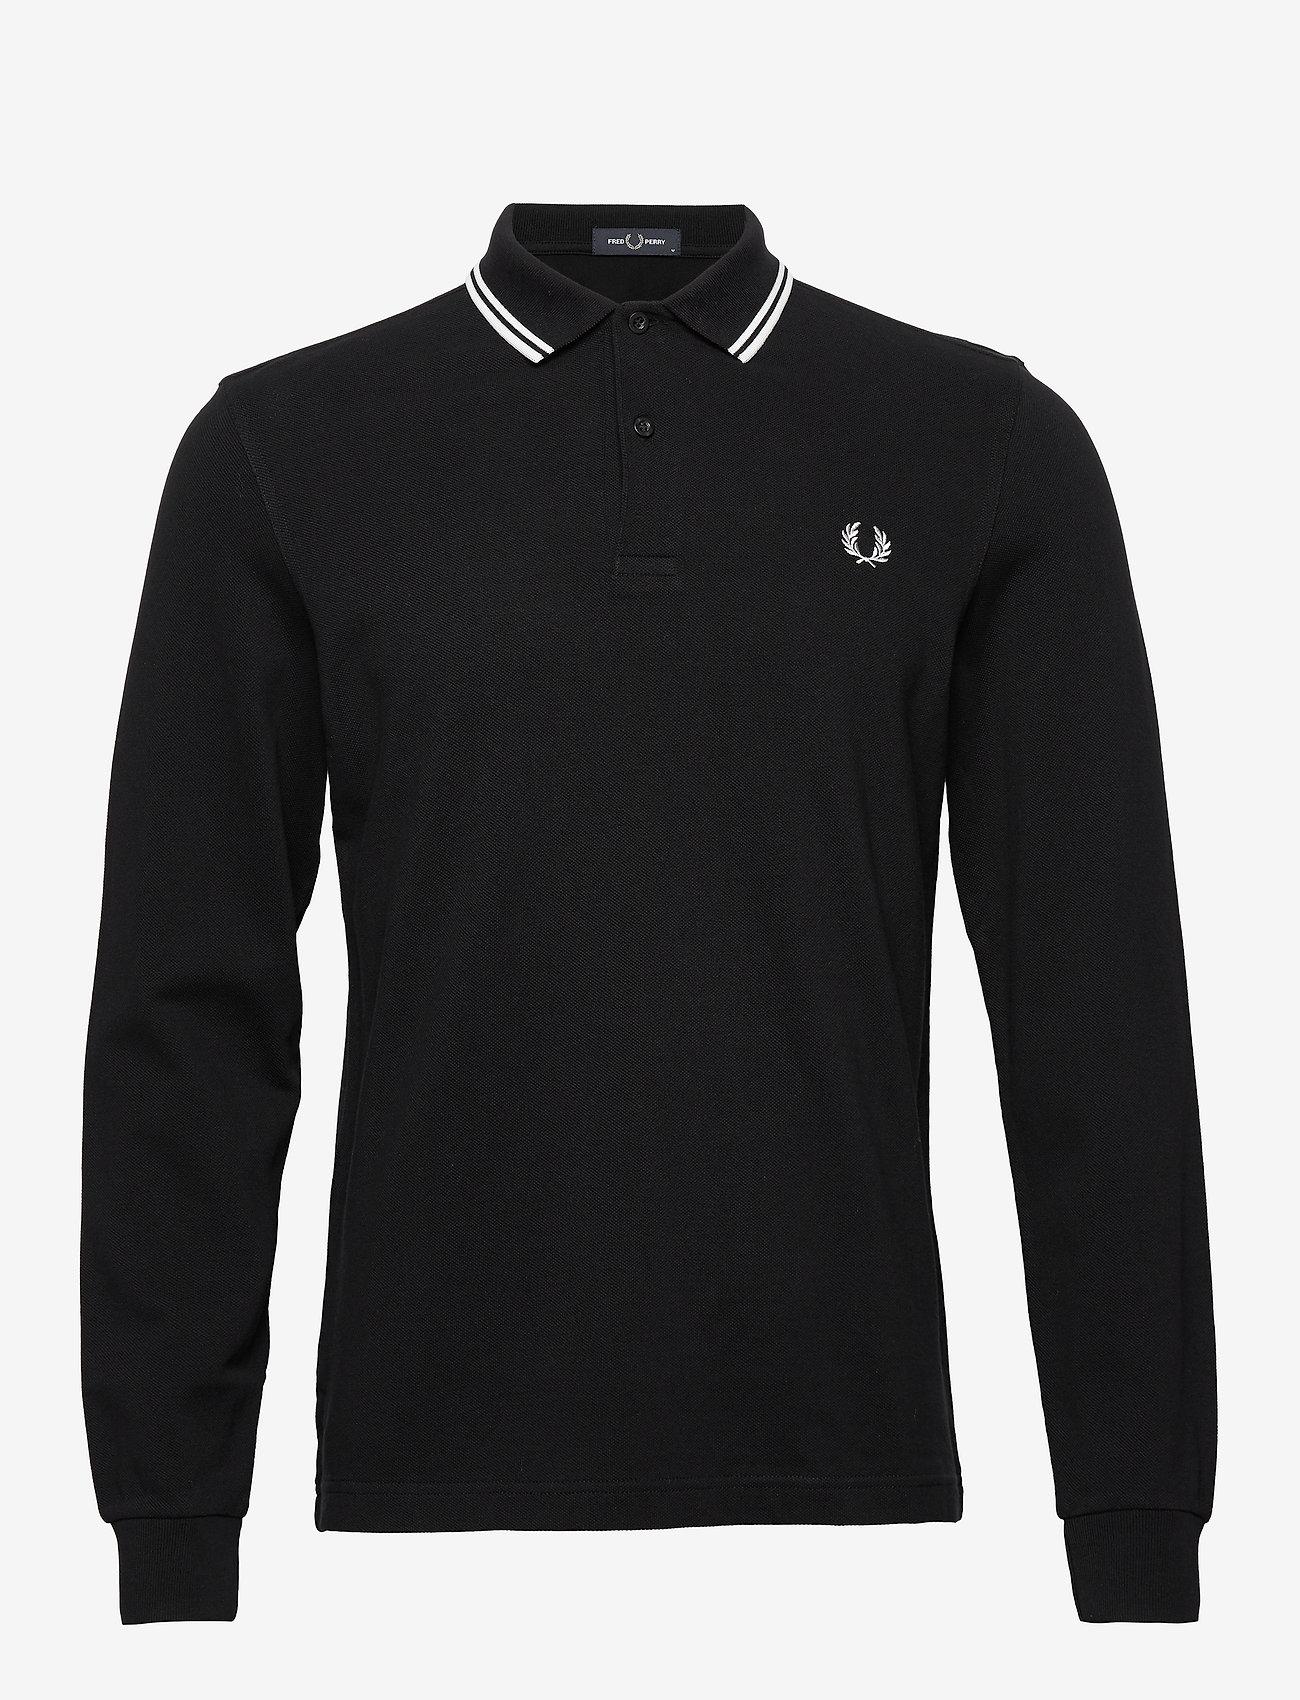 Fred Perry LS Twin Tipped Shirt - Poloskjorter BLACK - Menn Klær